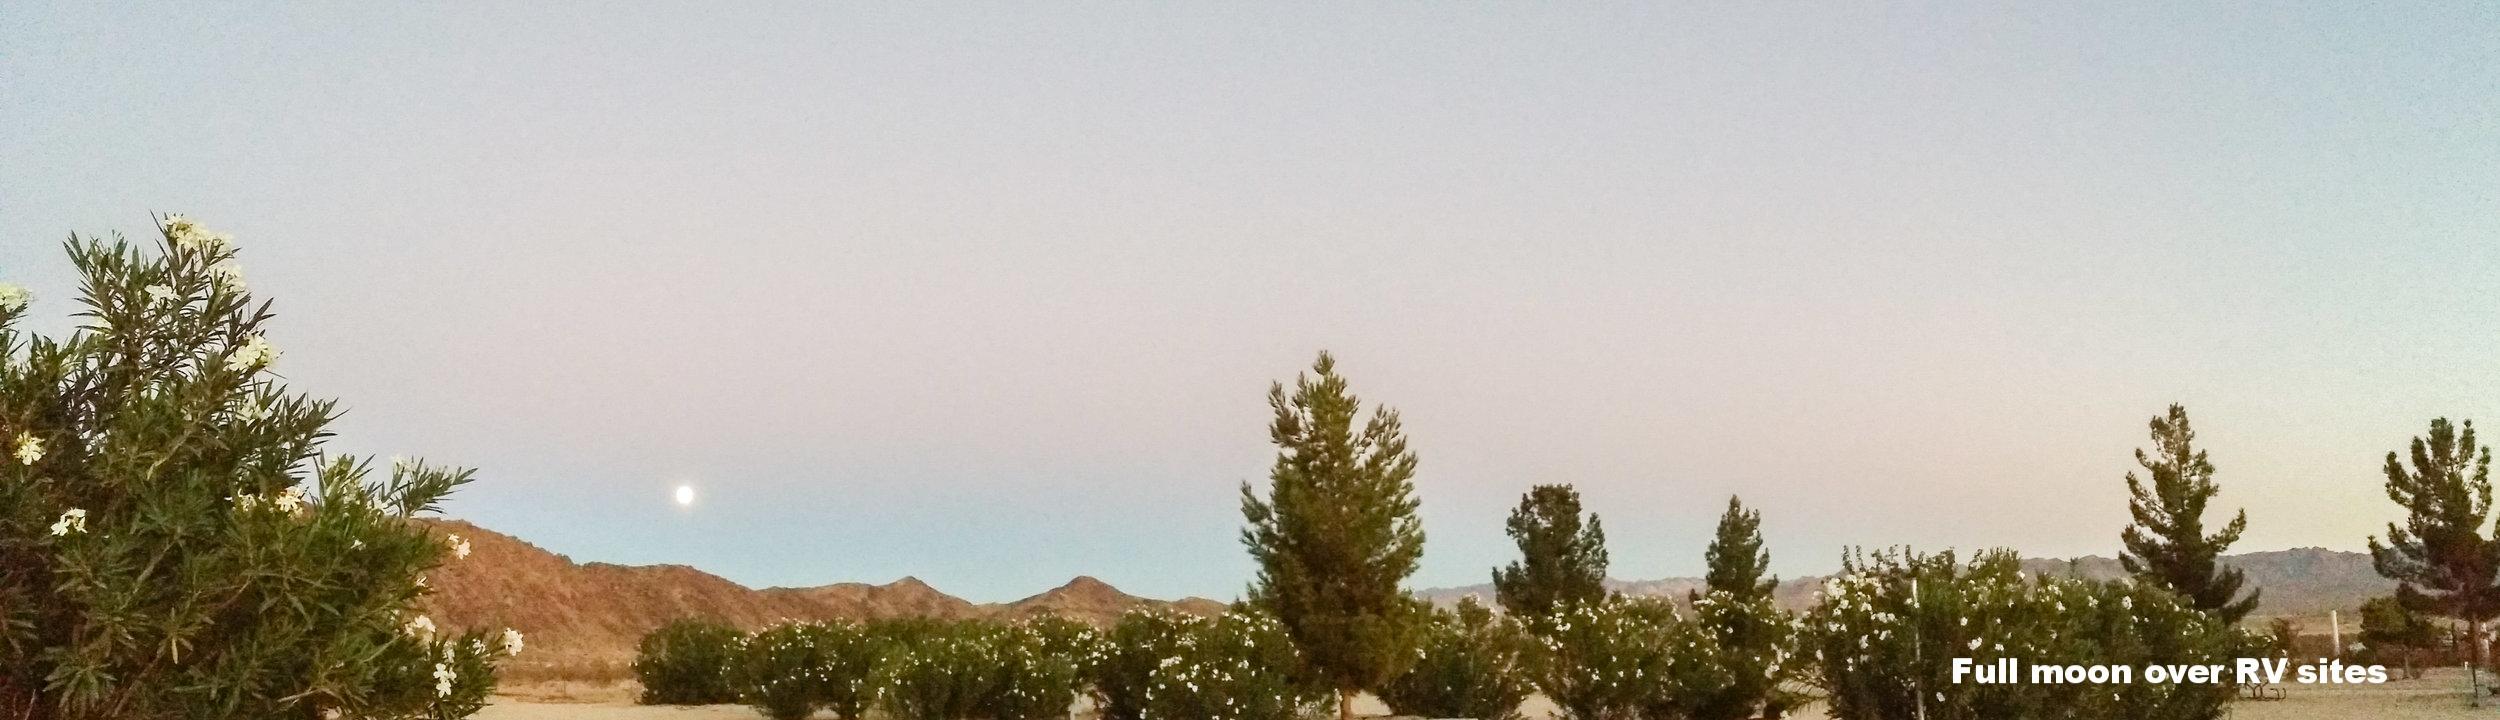 Full moon over RV sites.jpg